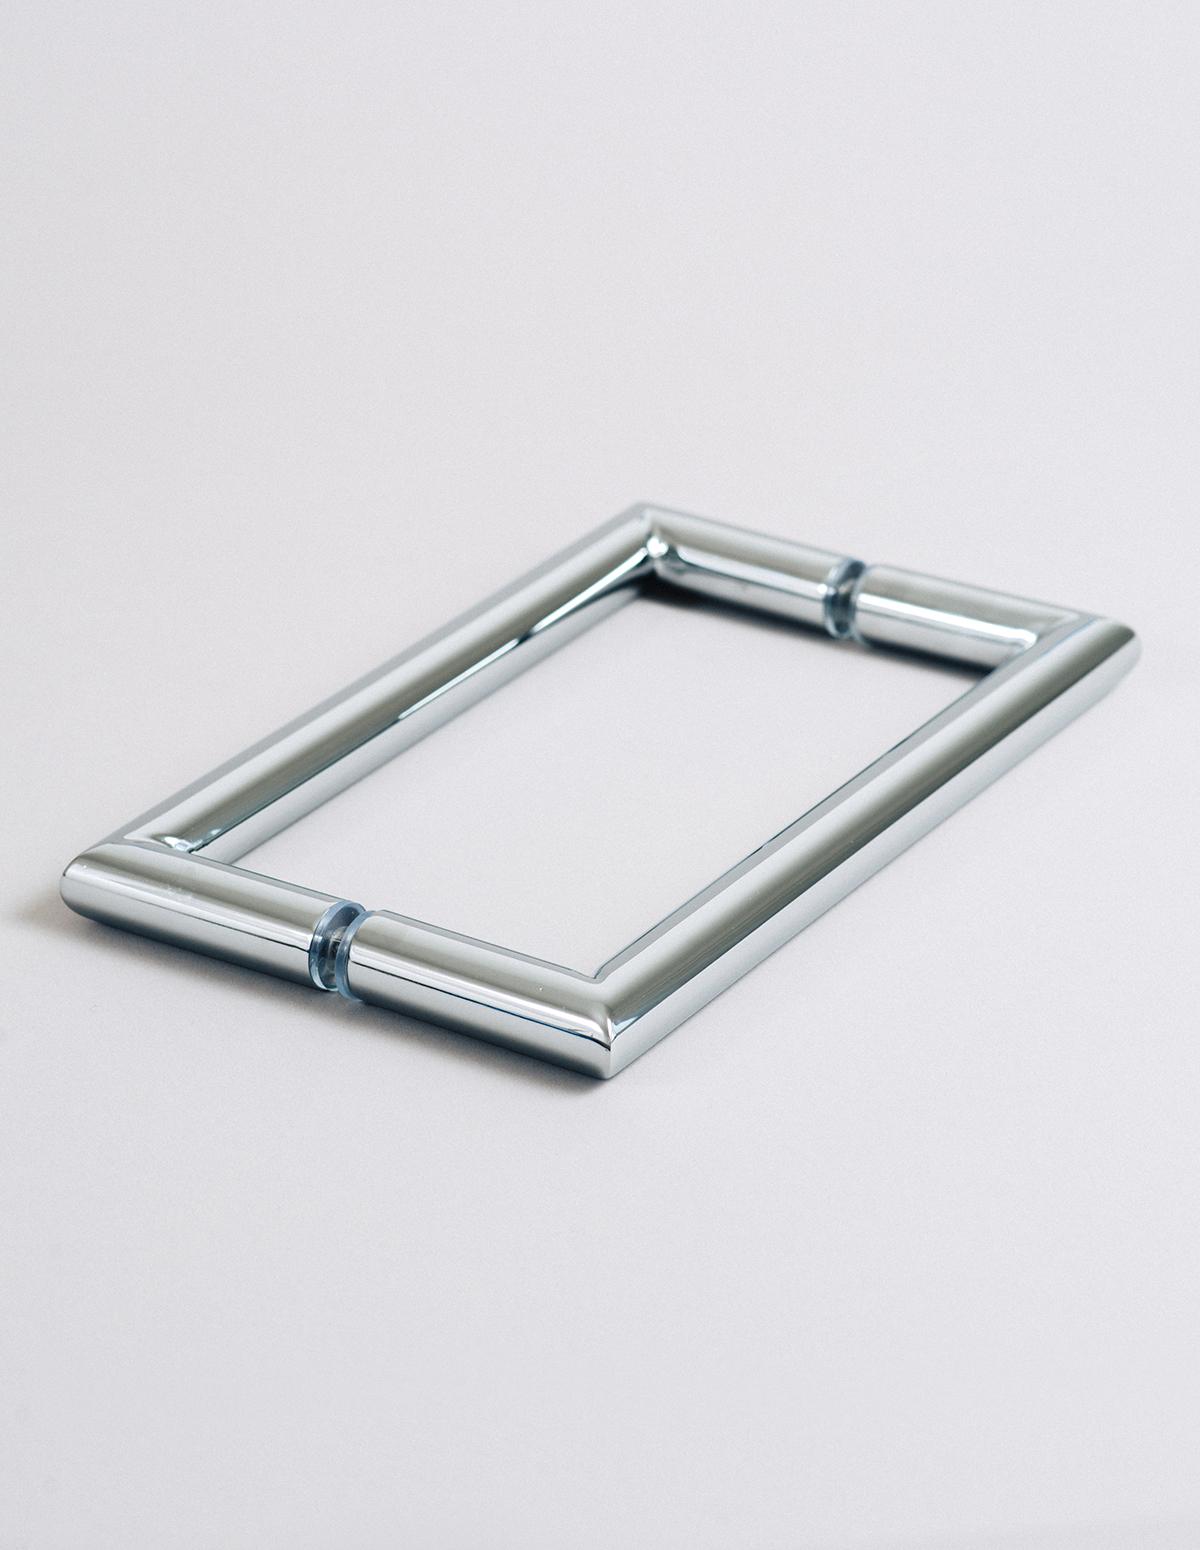 Optimum-Studios-Architectural-Glass-Metal-HardwarePage-Handle8-042216